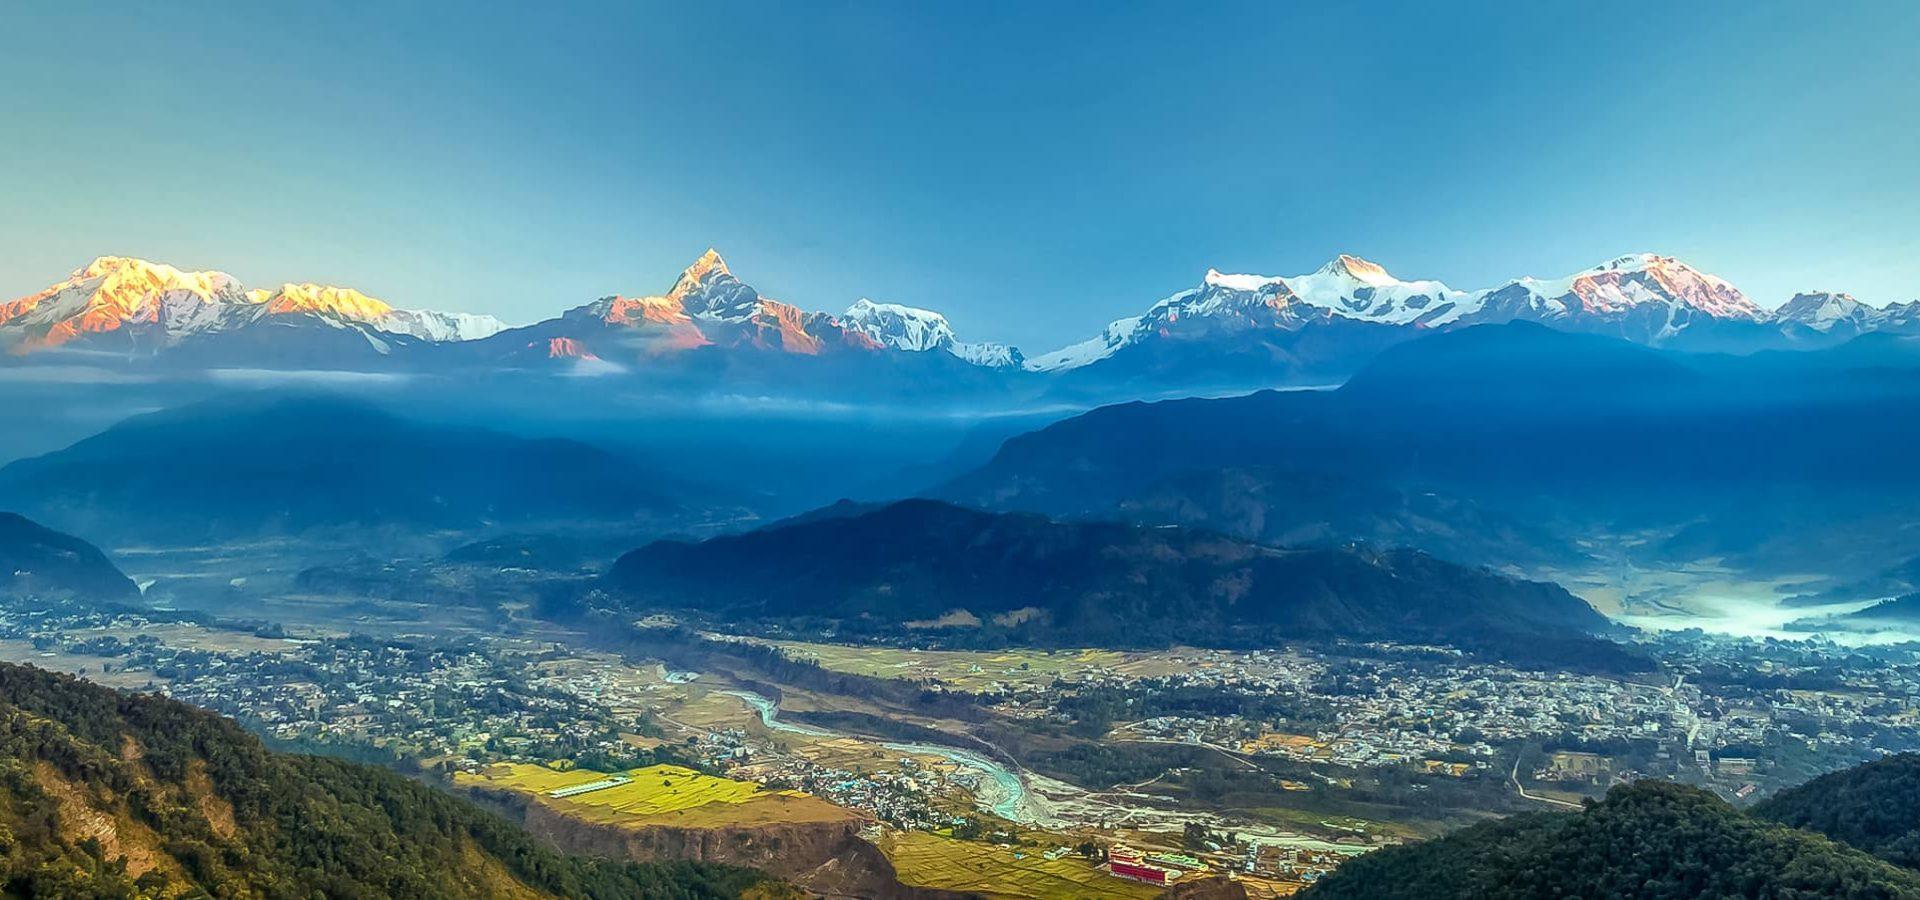 Dhampus Sarangkot Hike From Pokhara